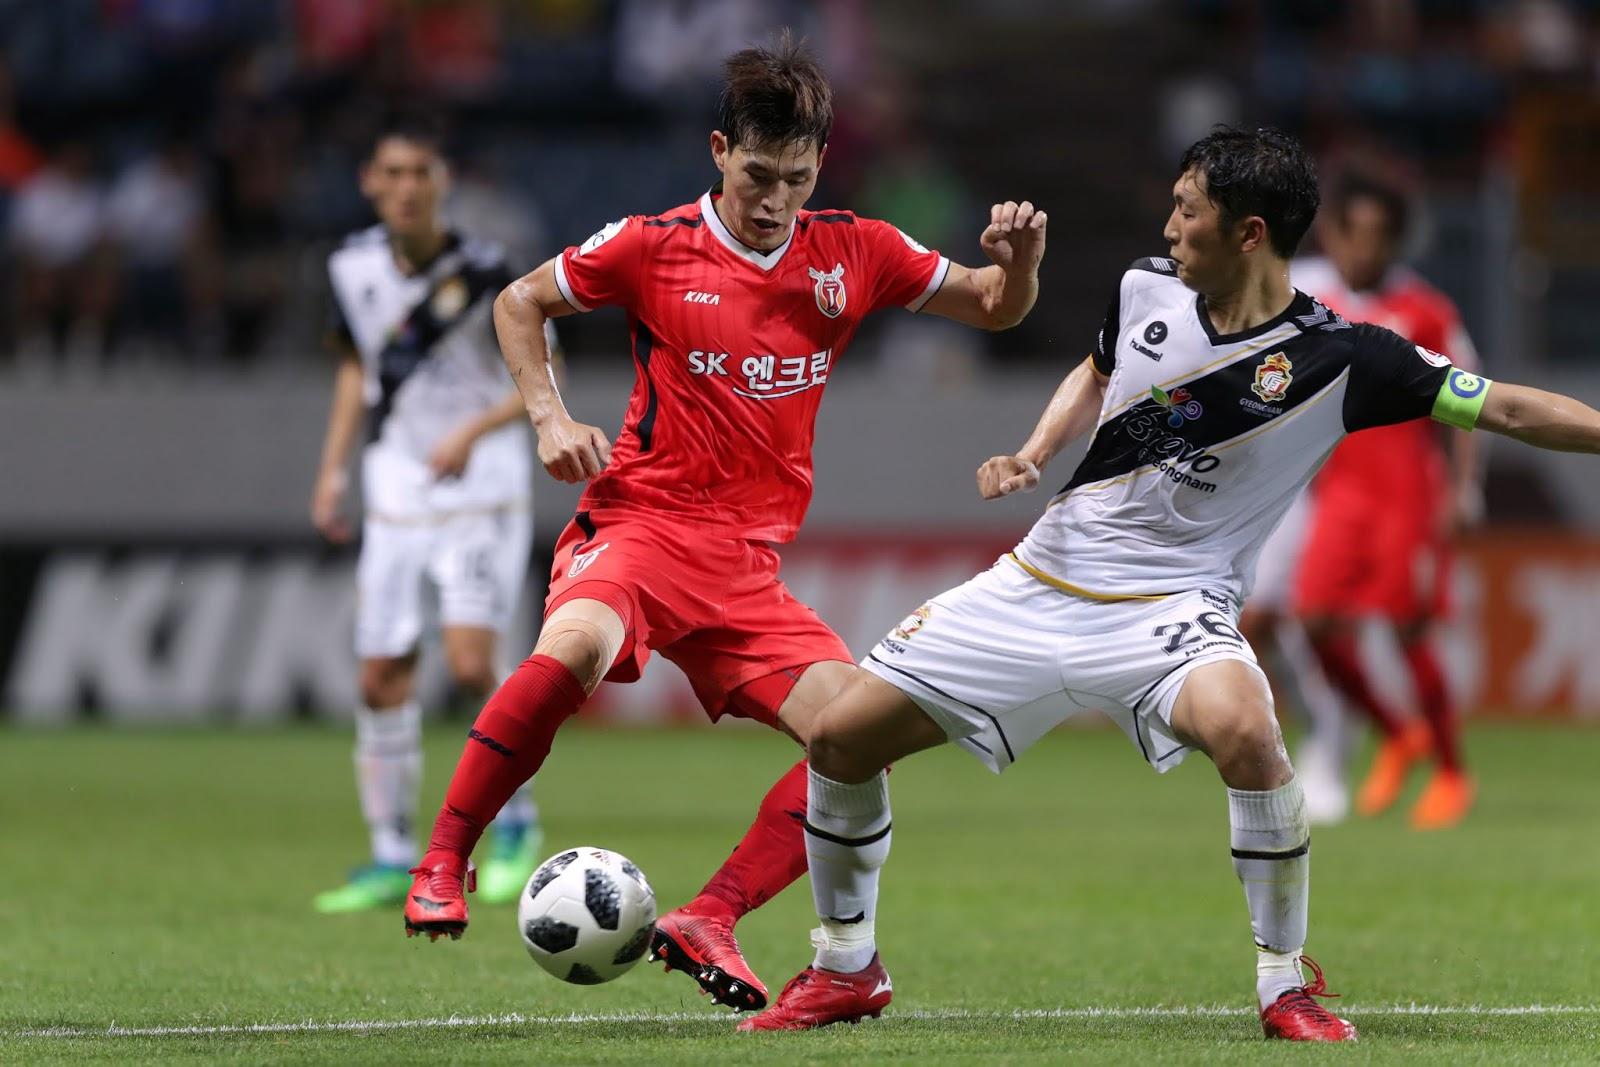 K league 1 Preview: Jeju United vs Daegu FC